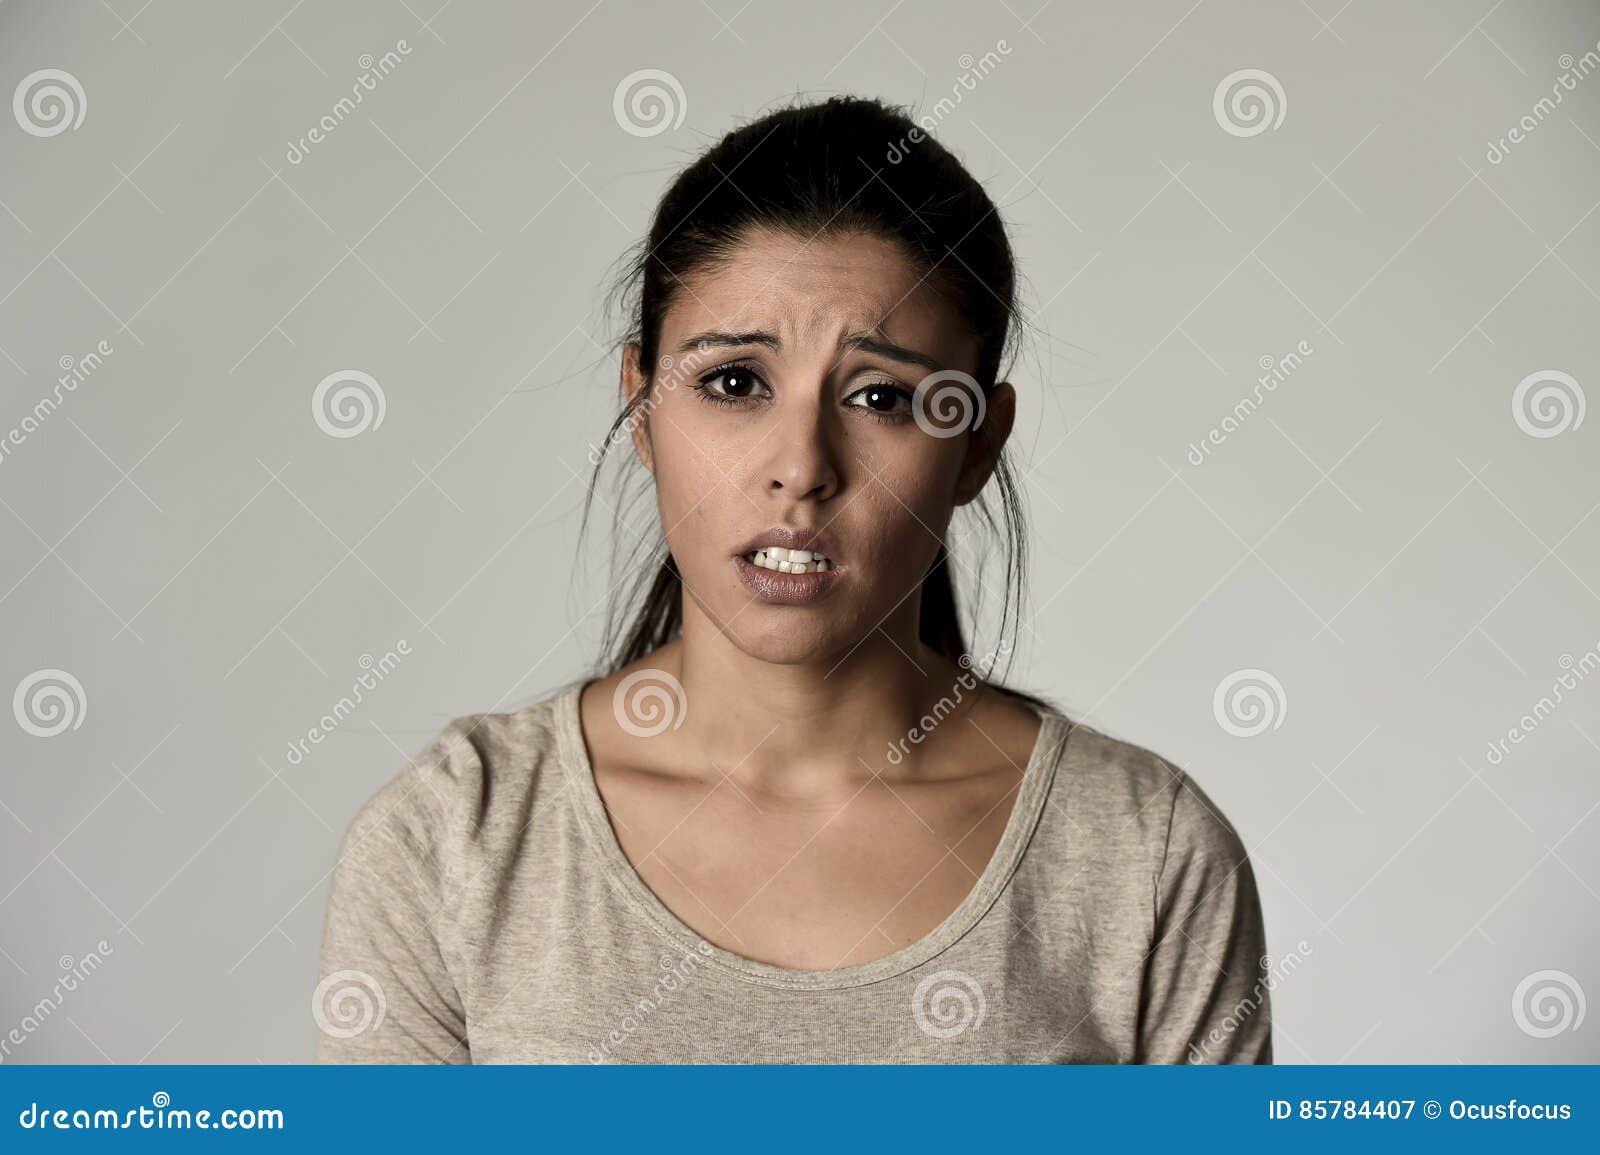 Mulher triste latino-americano bonita nova séria e interessada na expressão facial deprimida preocupada